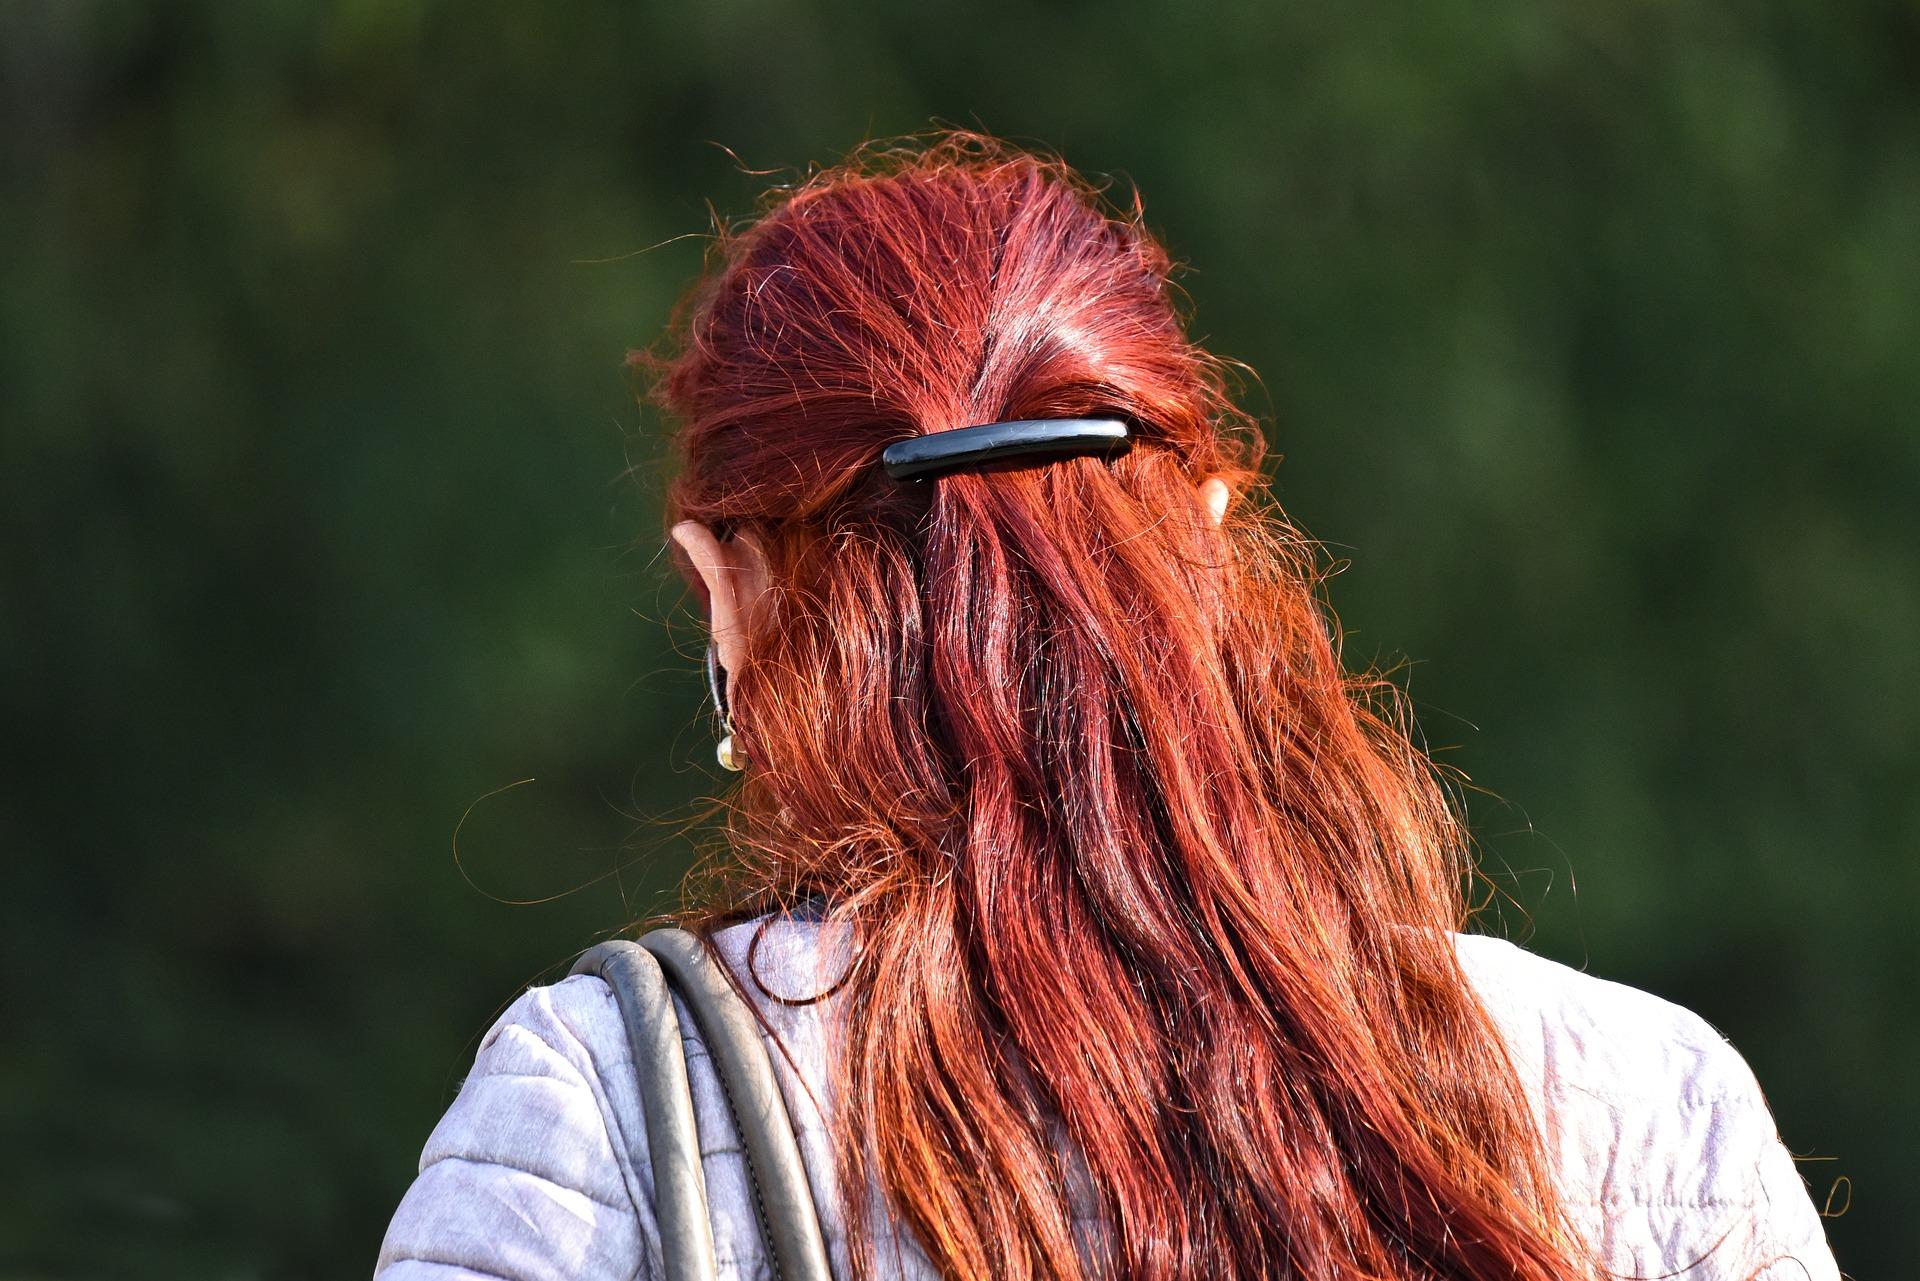 Farbowanie włosów u fryzjera ile kosztuje